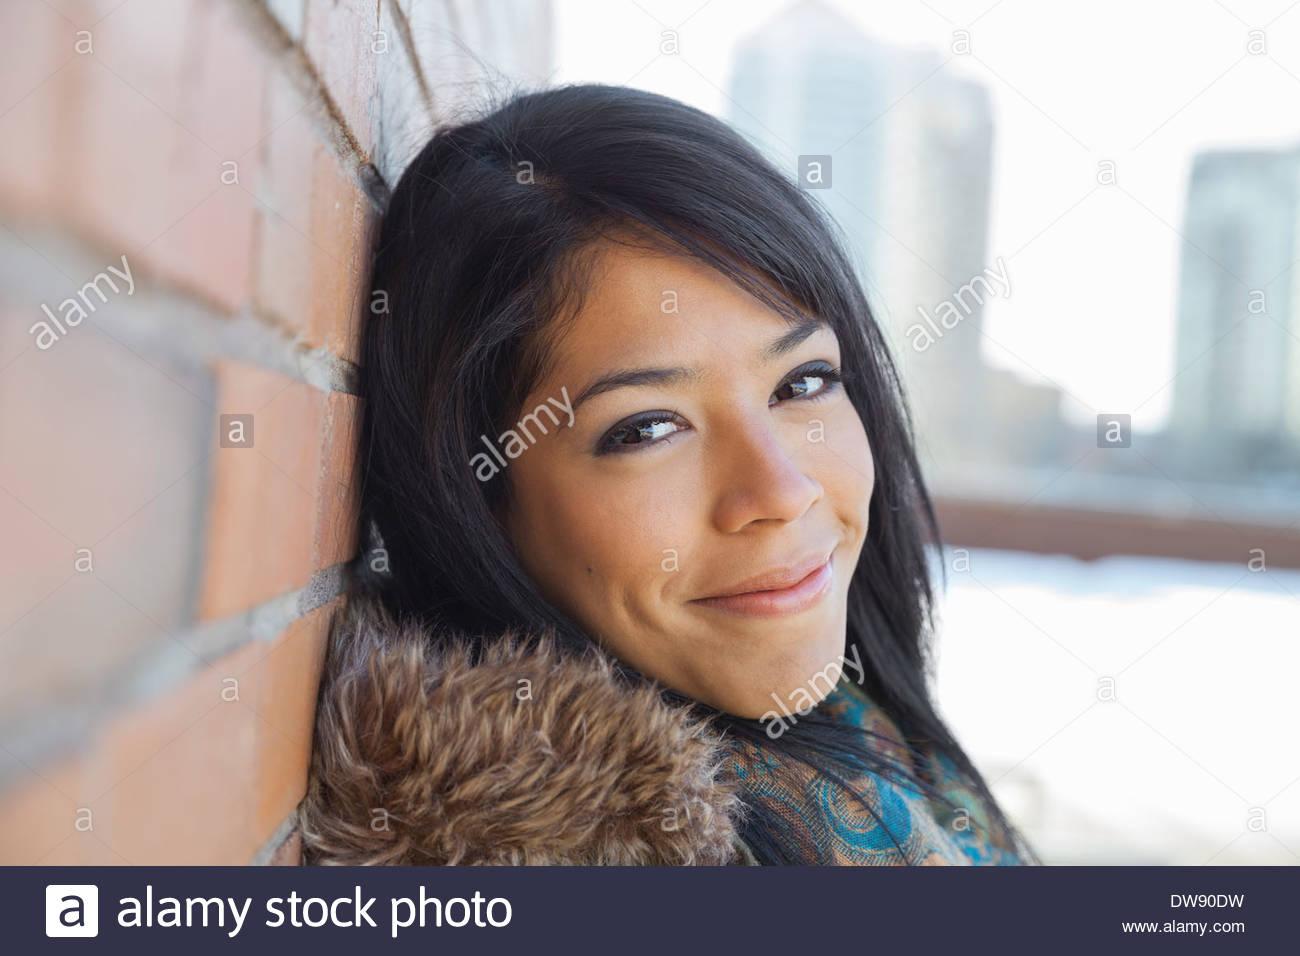 Ritratto di donna sorridente appoggiato contro un muro di mattoni Immagini Stock